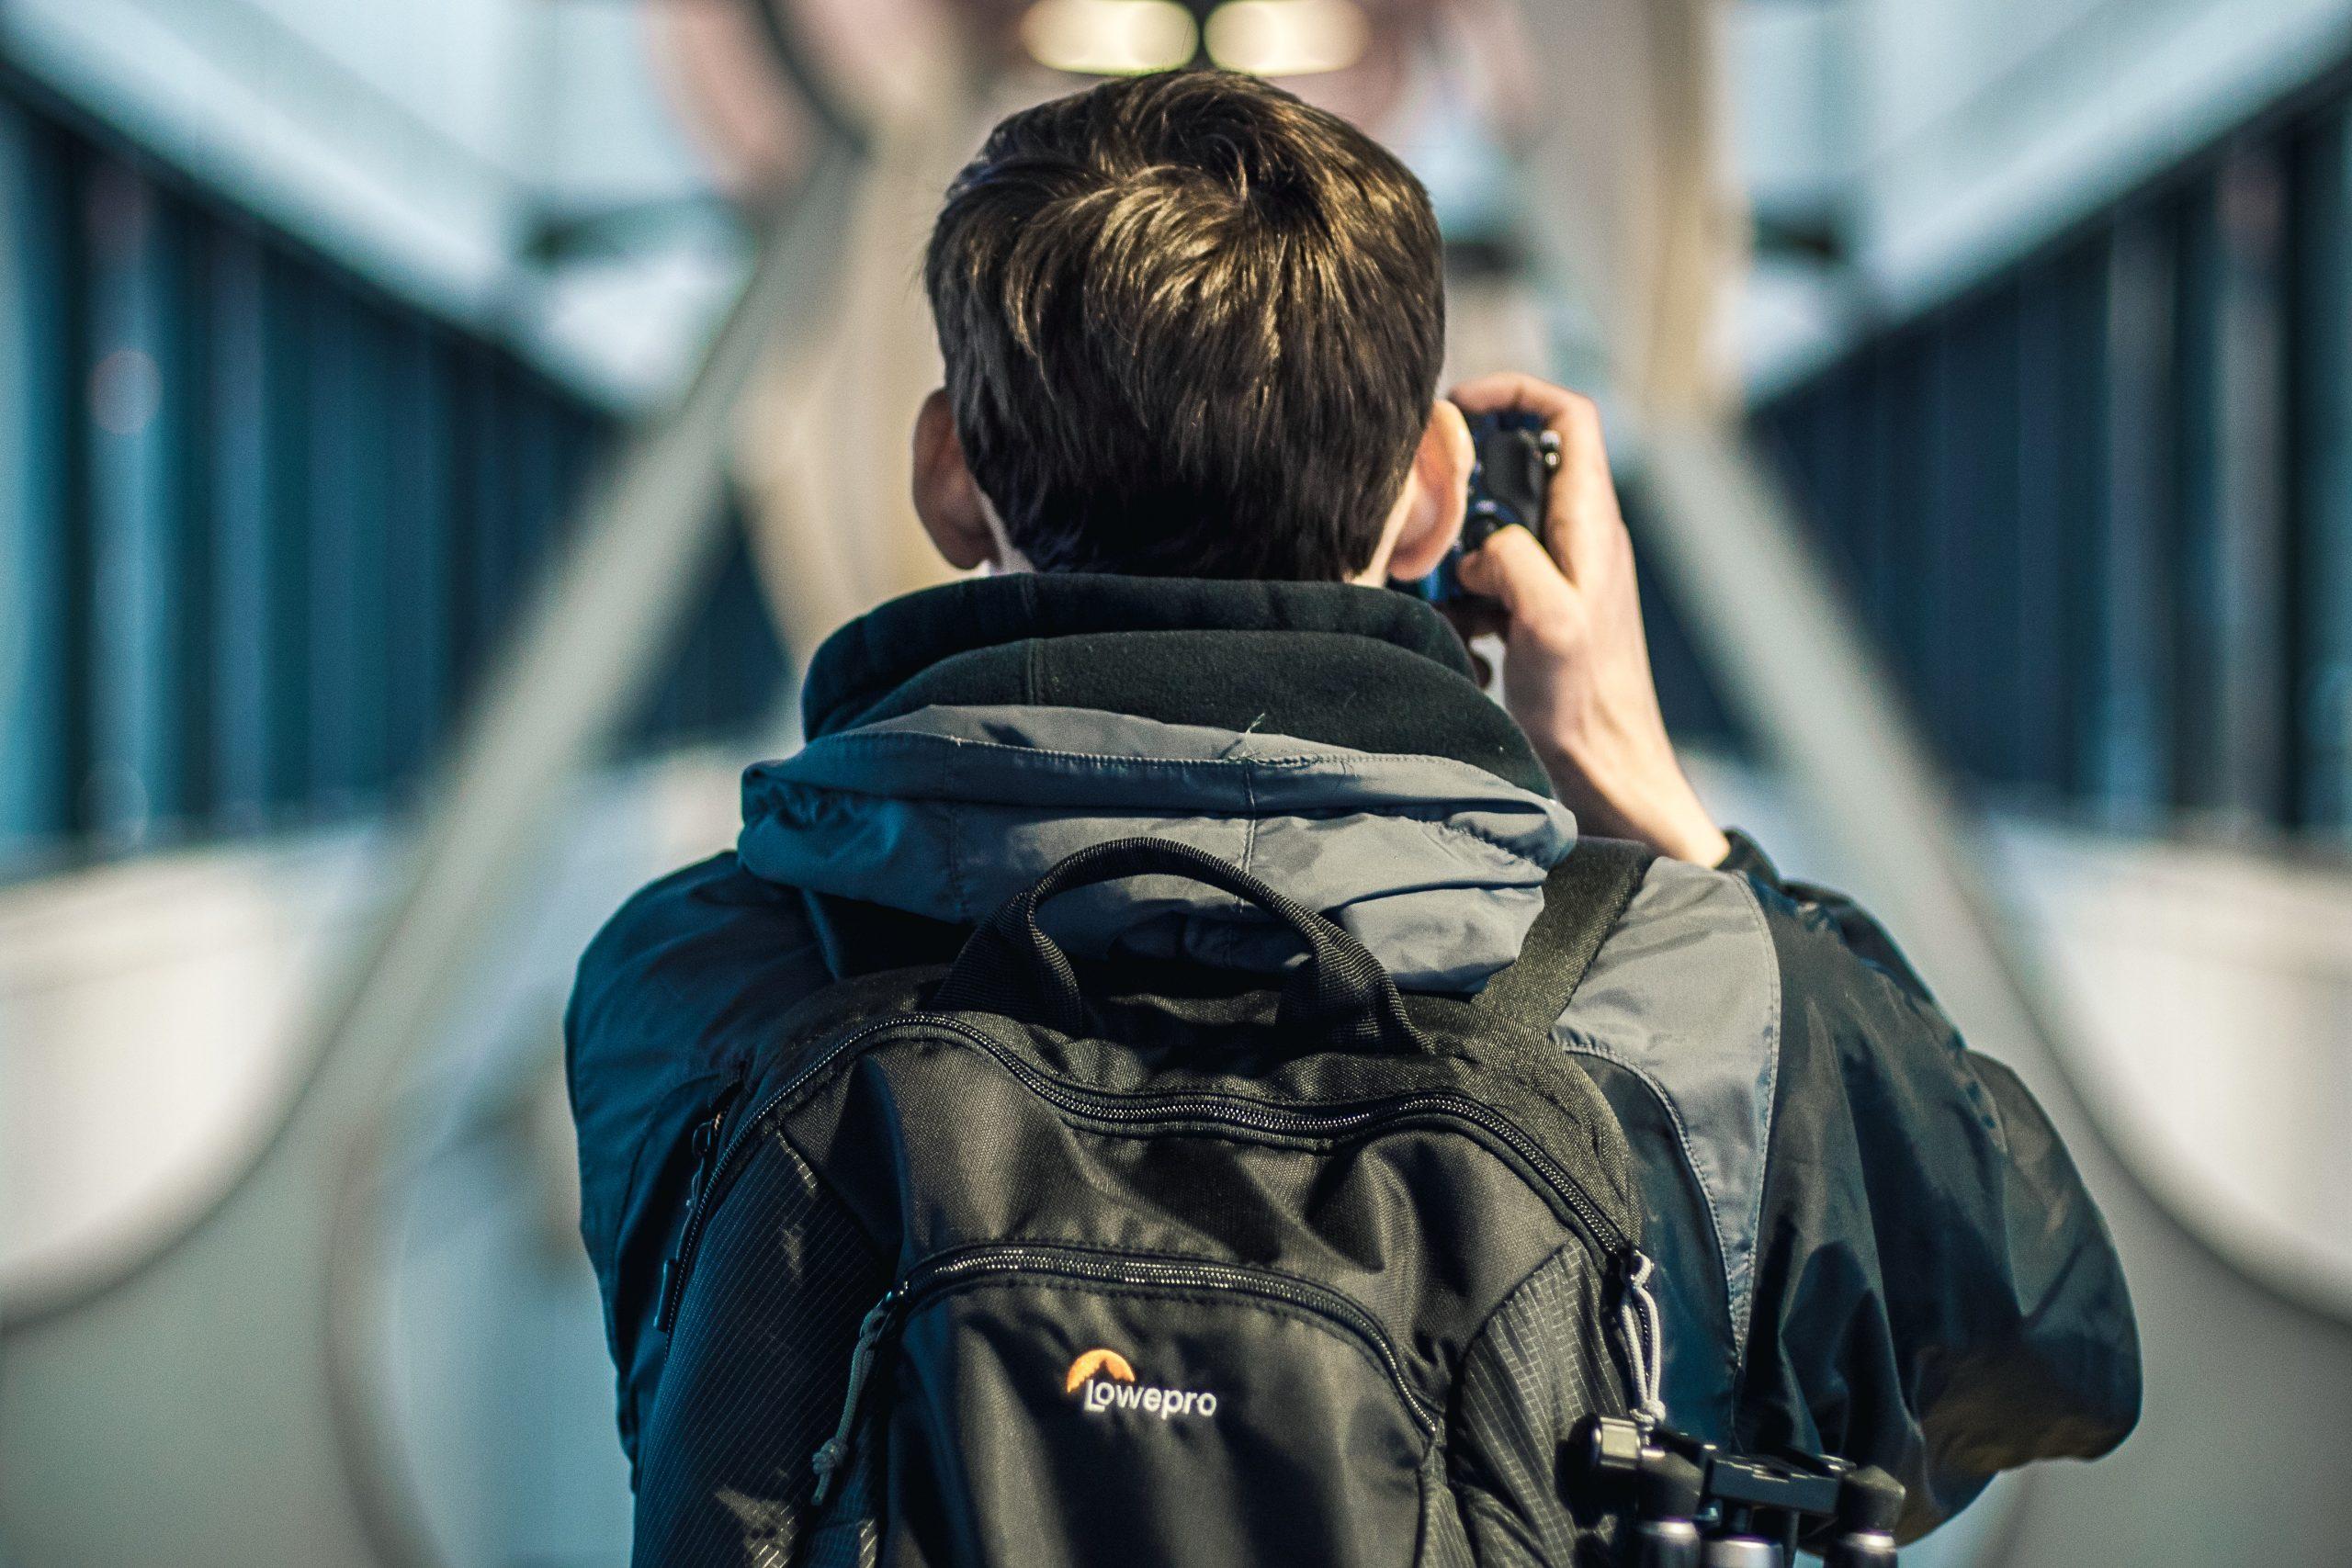 Foto de um rapaz de costas fotografando algo. Ele veste roupas de frio e carrega nas costas uma mochila para fotógrafo preta.